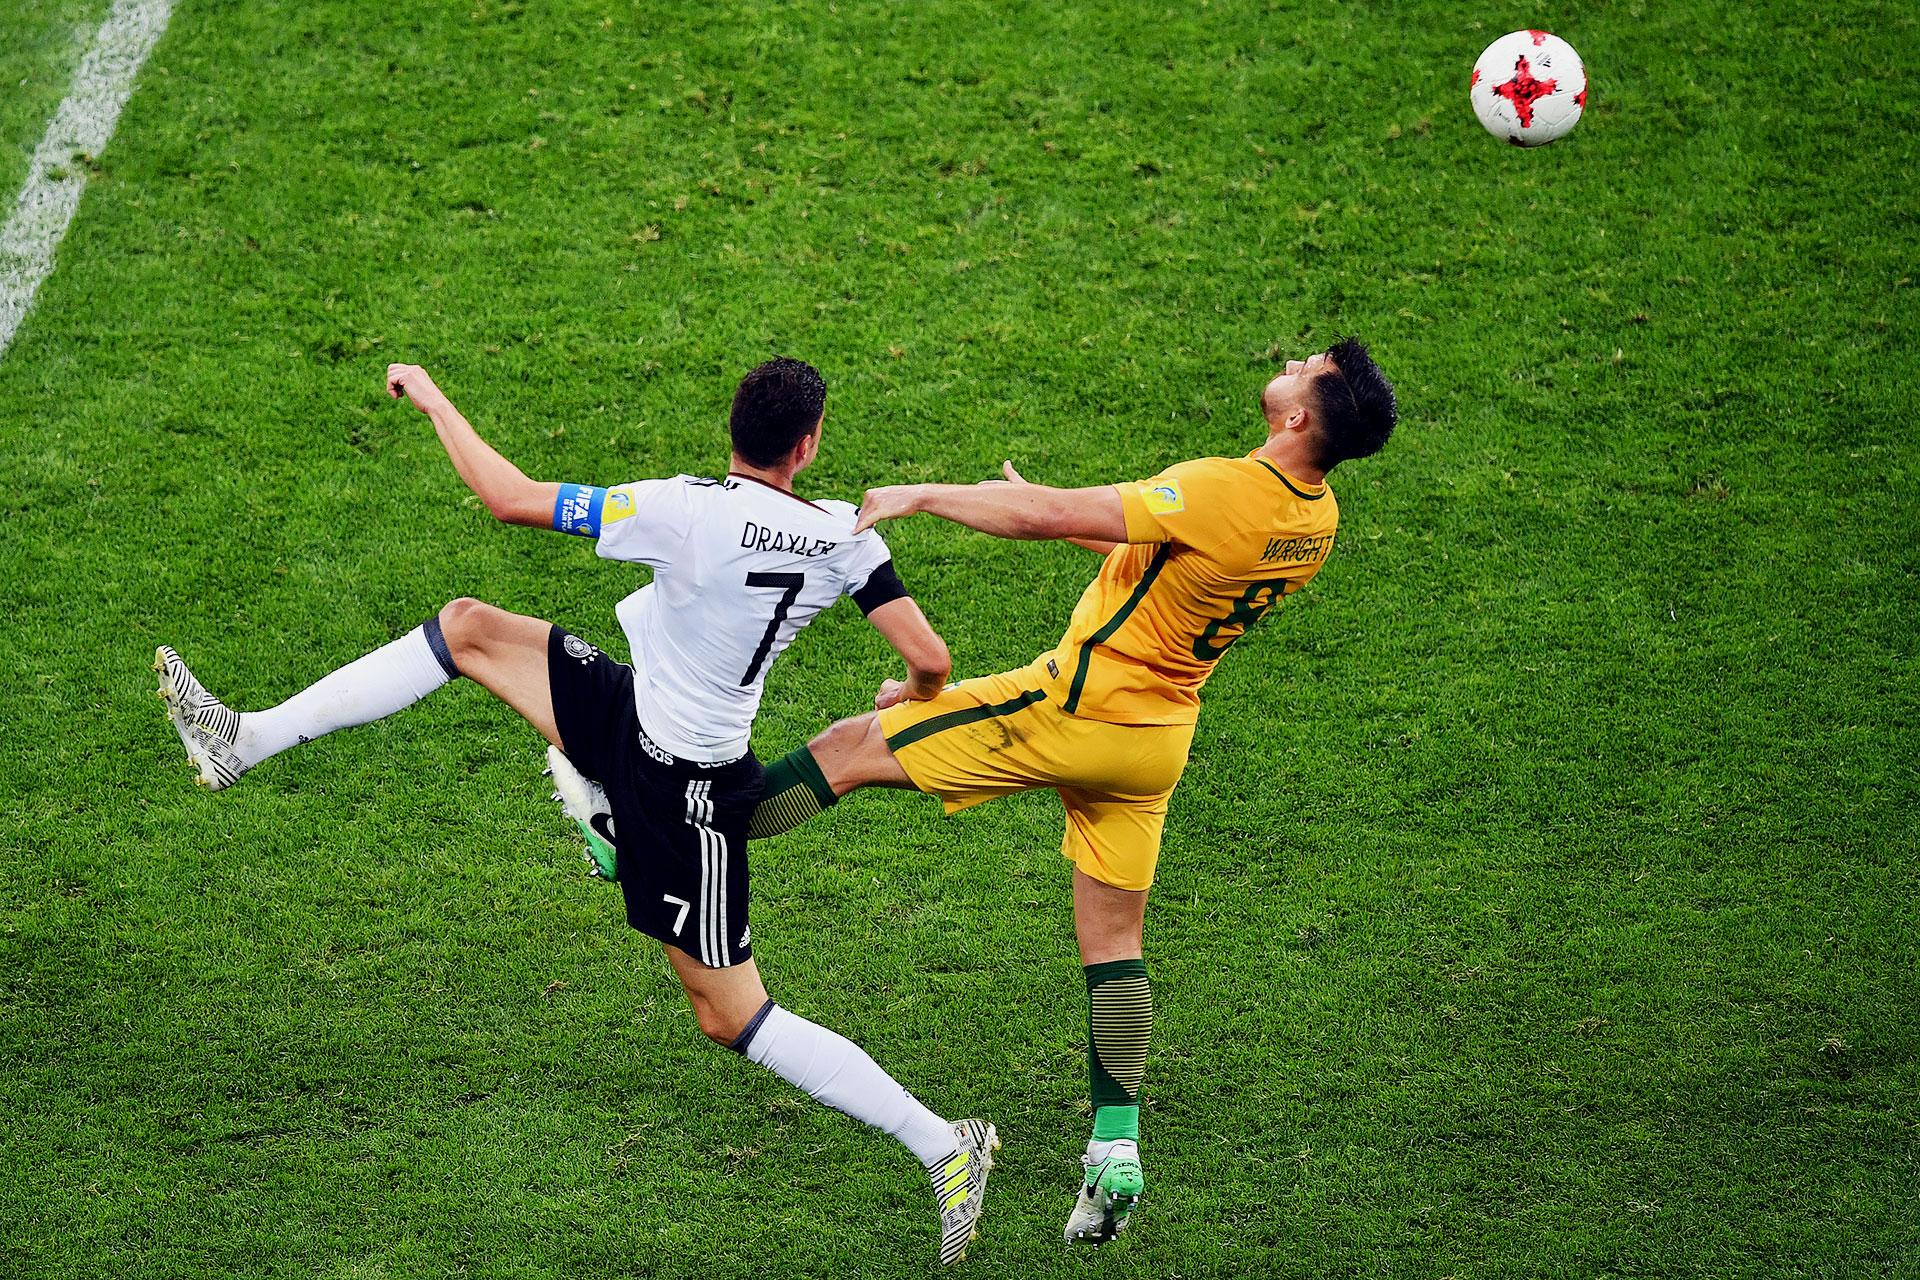 En su presentación en la Copa Confederaciones, Alemania hizo pesar su jerarquía y superó por 3-2, con un equipo alternativo, a Australia, campeón de la Copa Asiática 2015